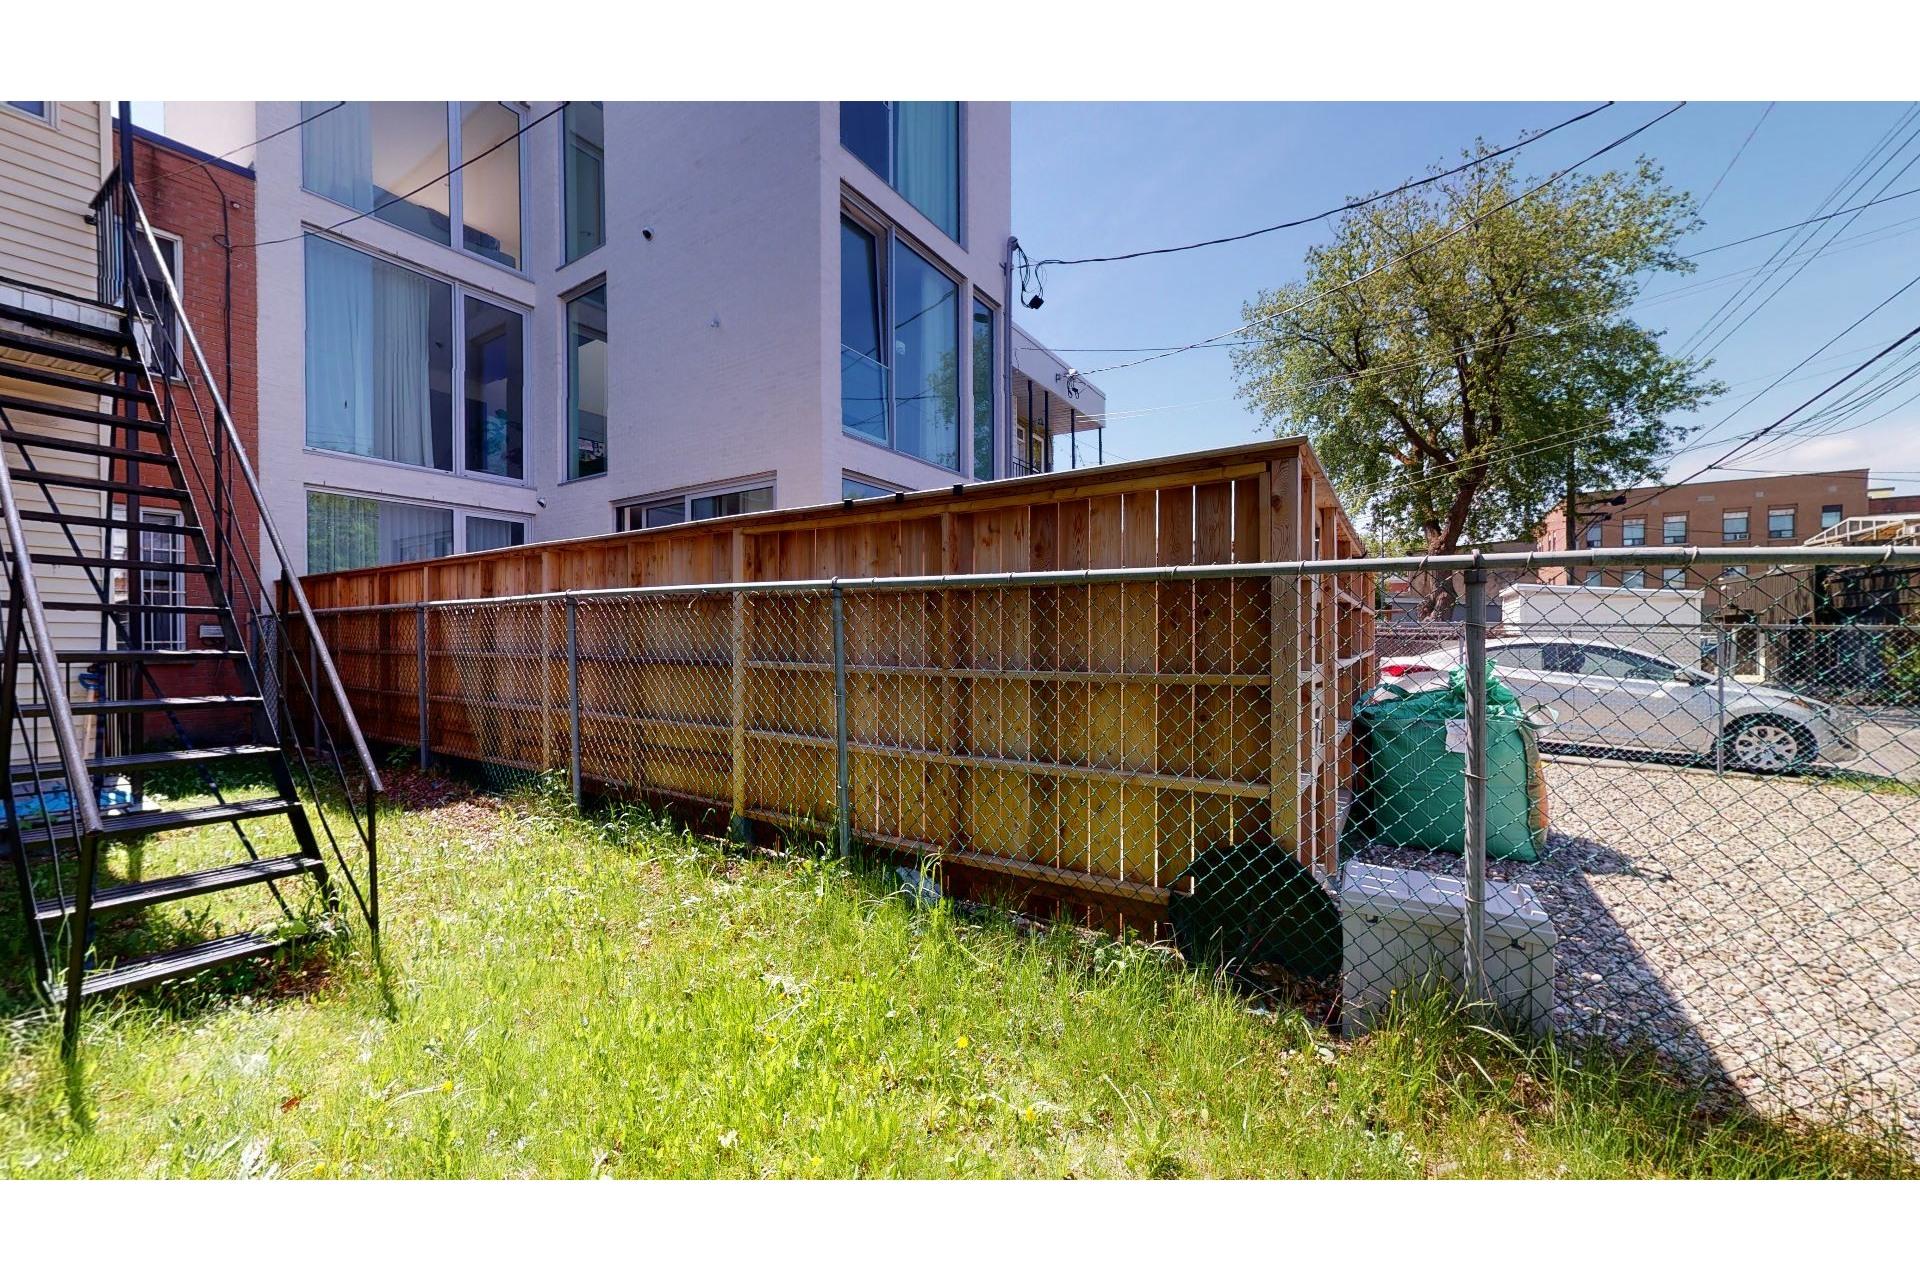 image 4 - Duplex À vendre Rosemont/La Petite-Patrie Montréal  - 4 pièces